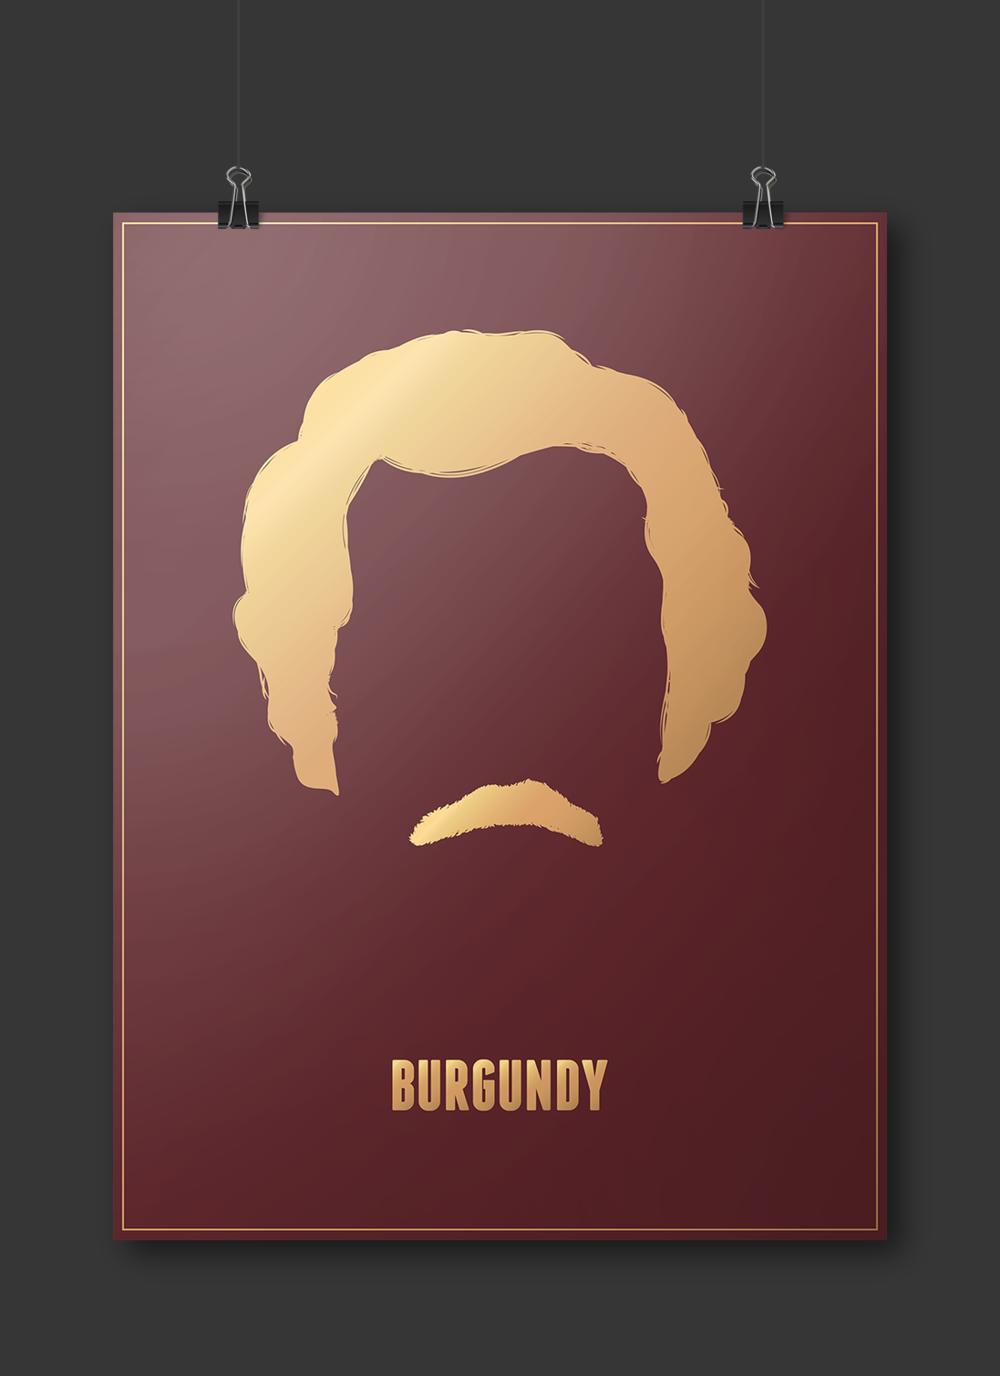 burg_poster_mock.png